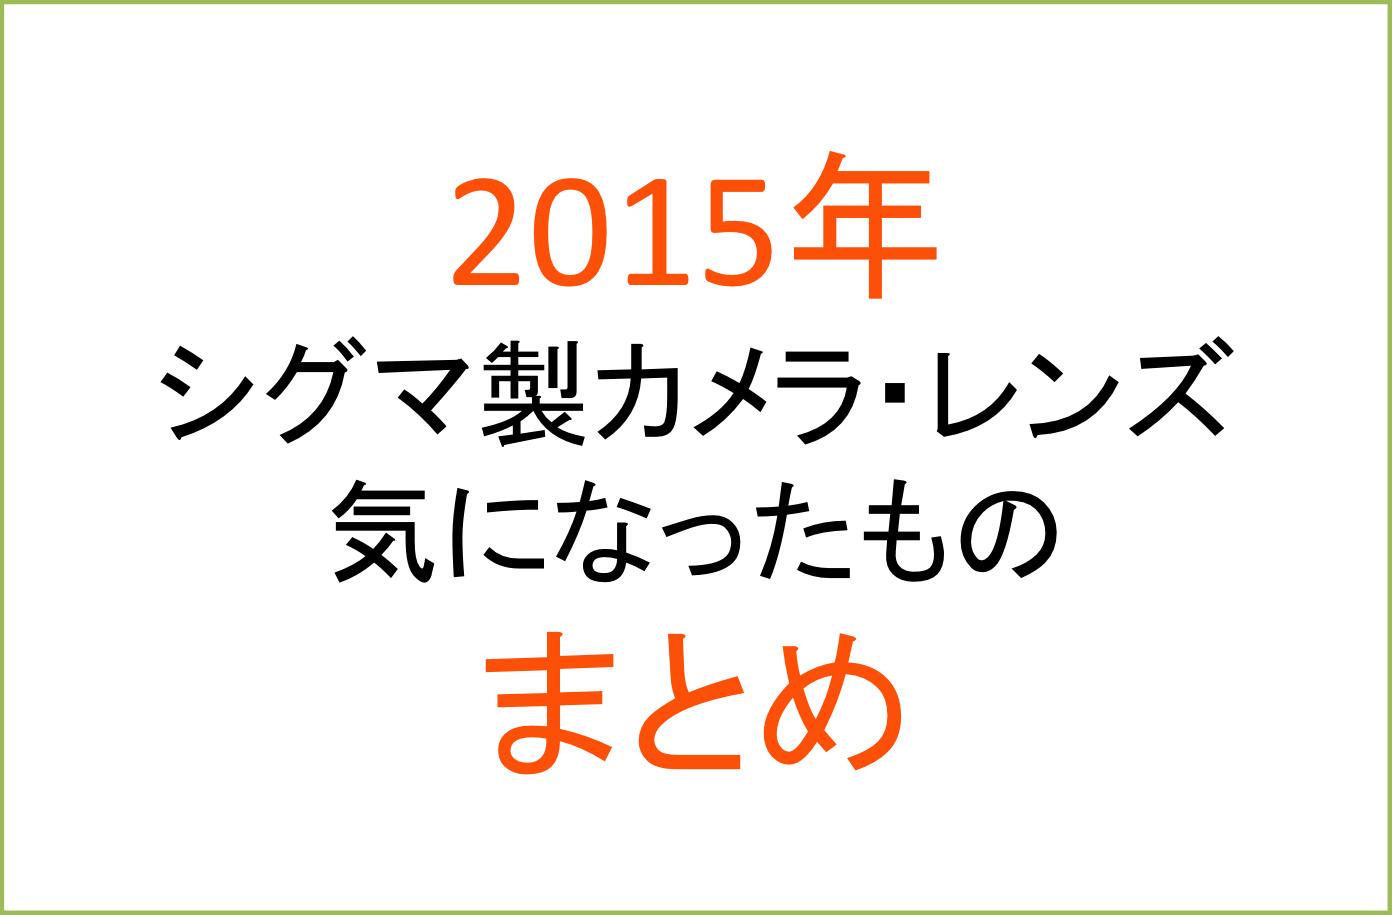 2015年発売のシグマ製カメラやレンズで気になった製品まとめ